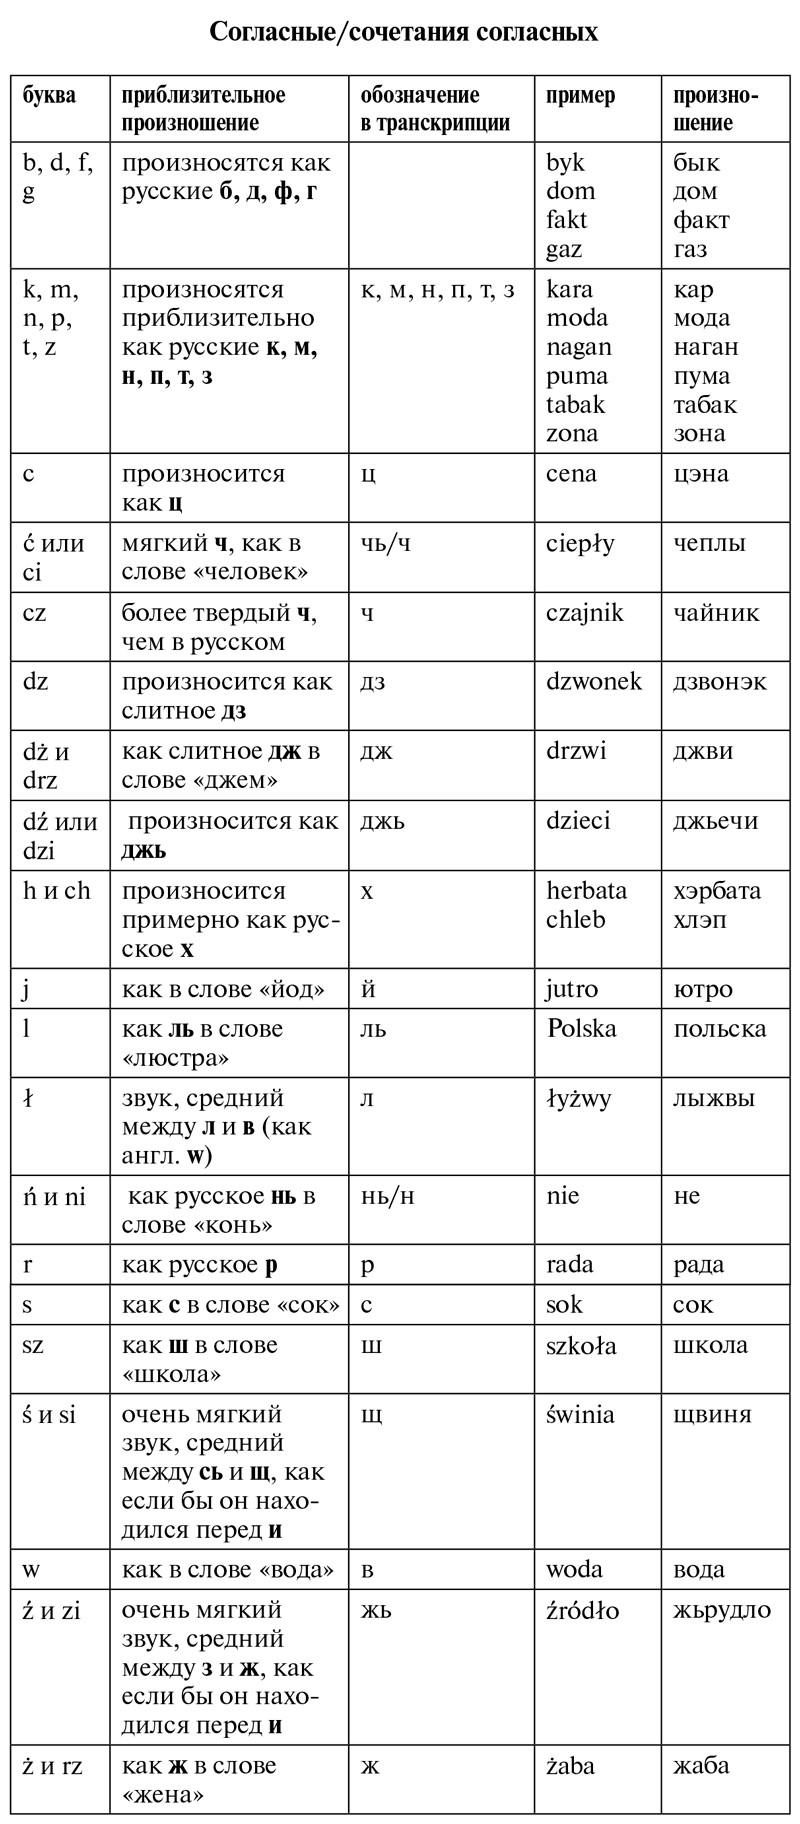 Согласные буквы польского алфавита